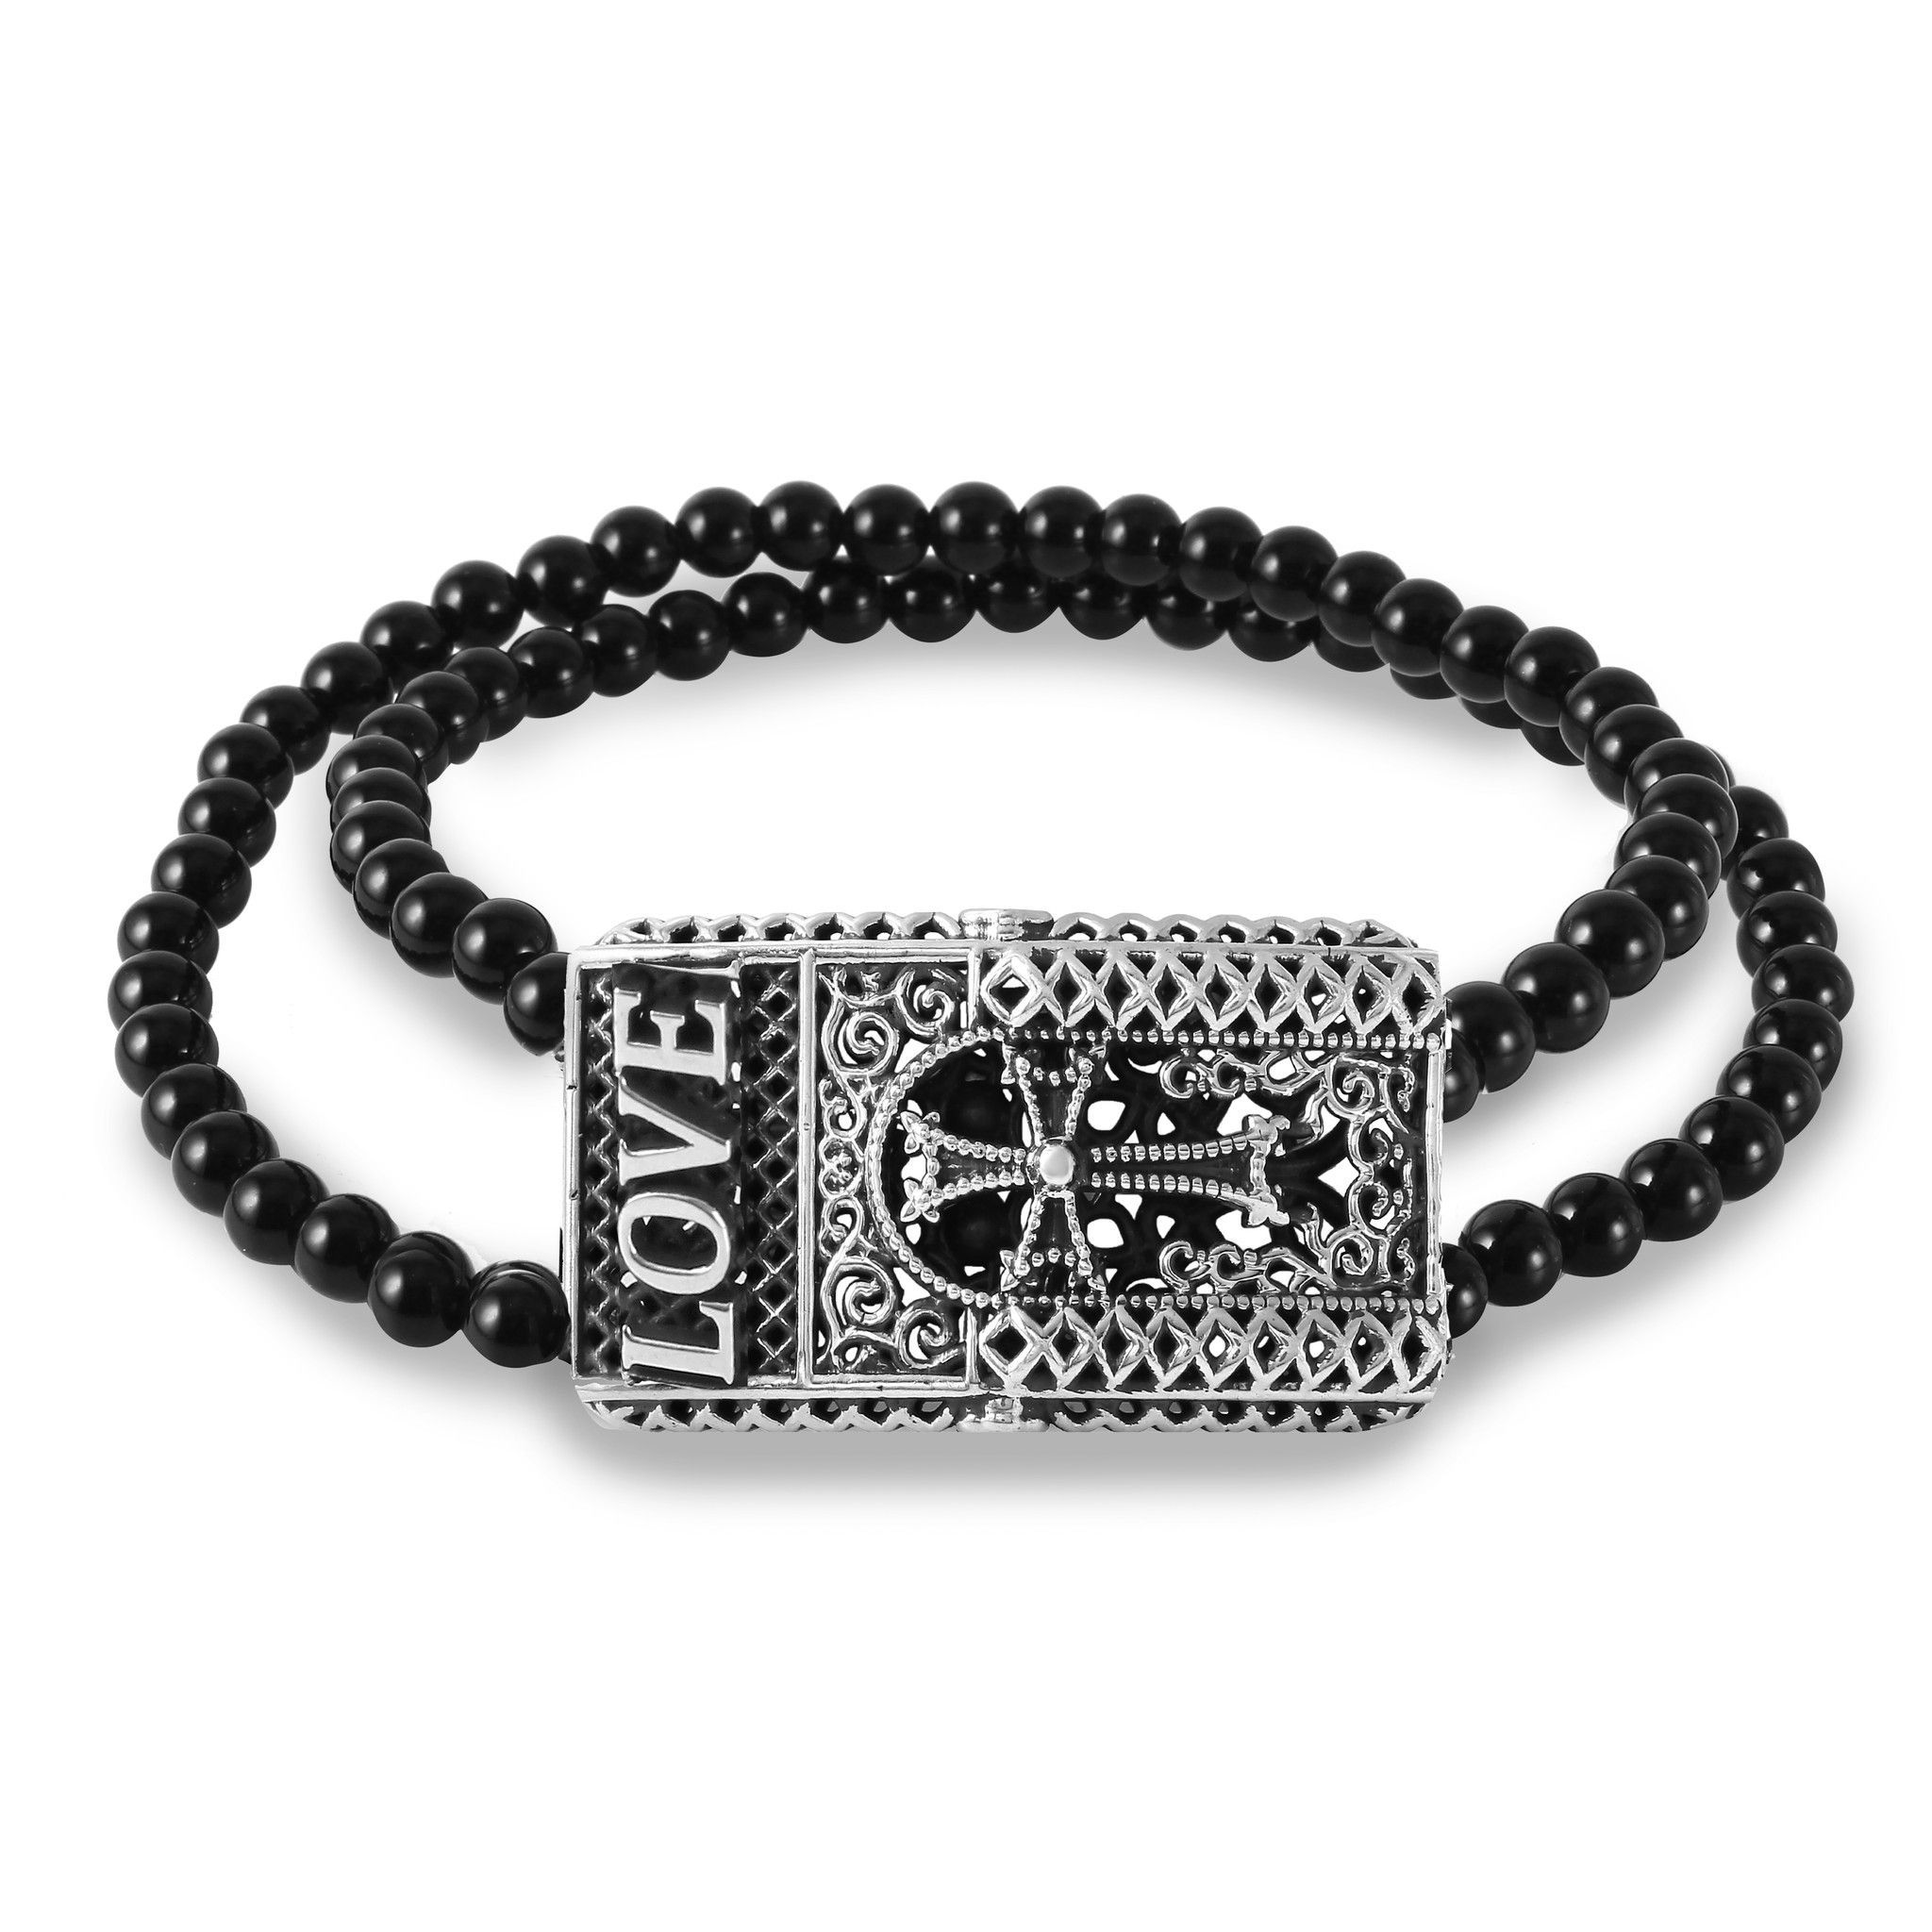 3D love polished black agate bead 4mm bracelet